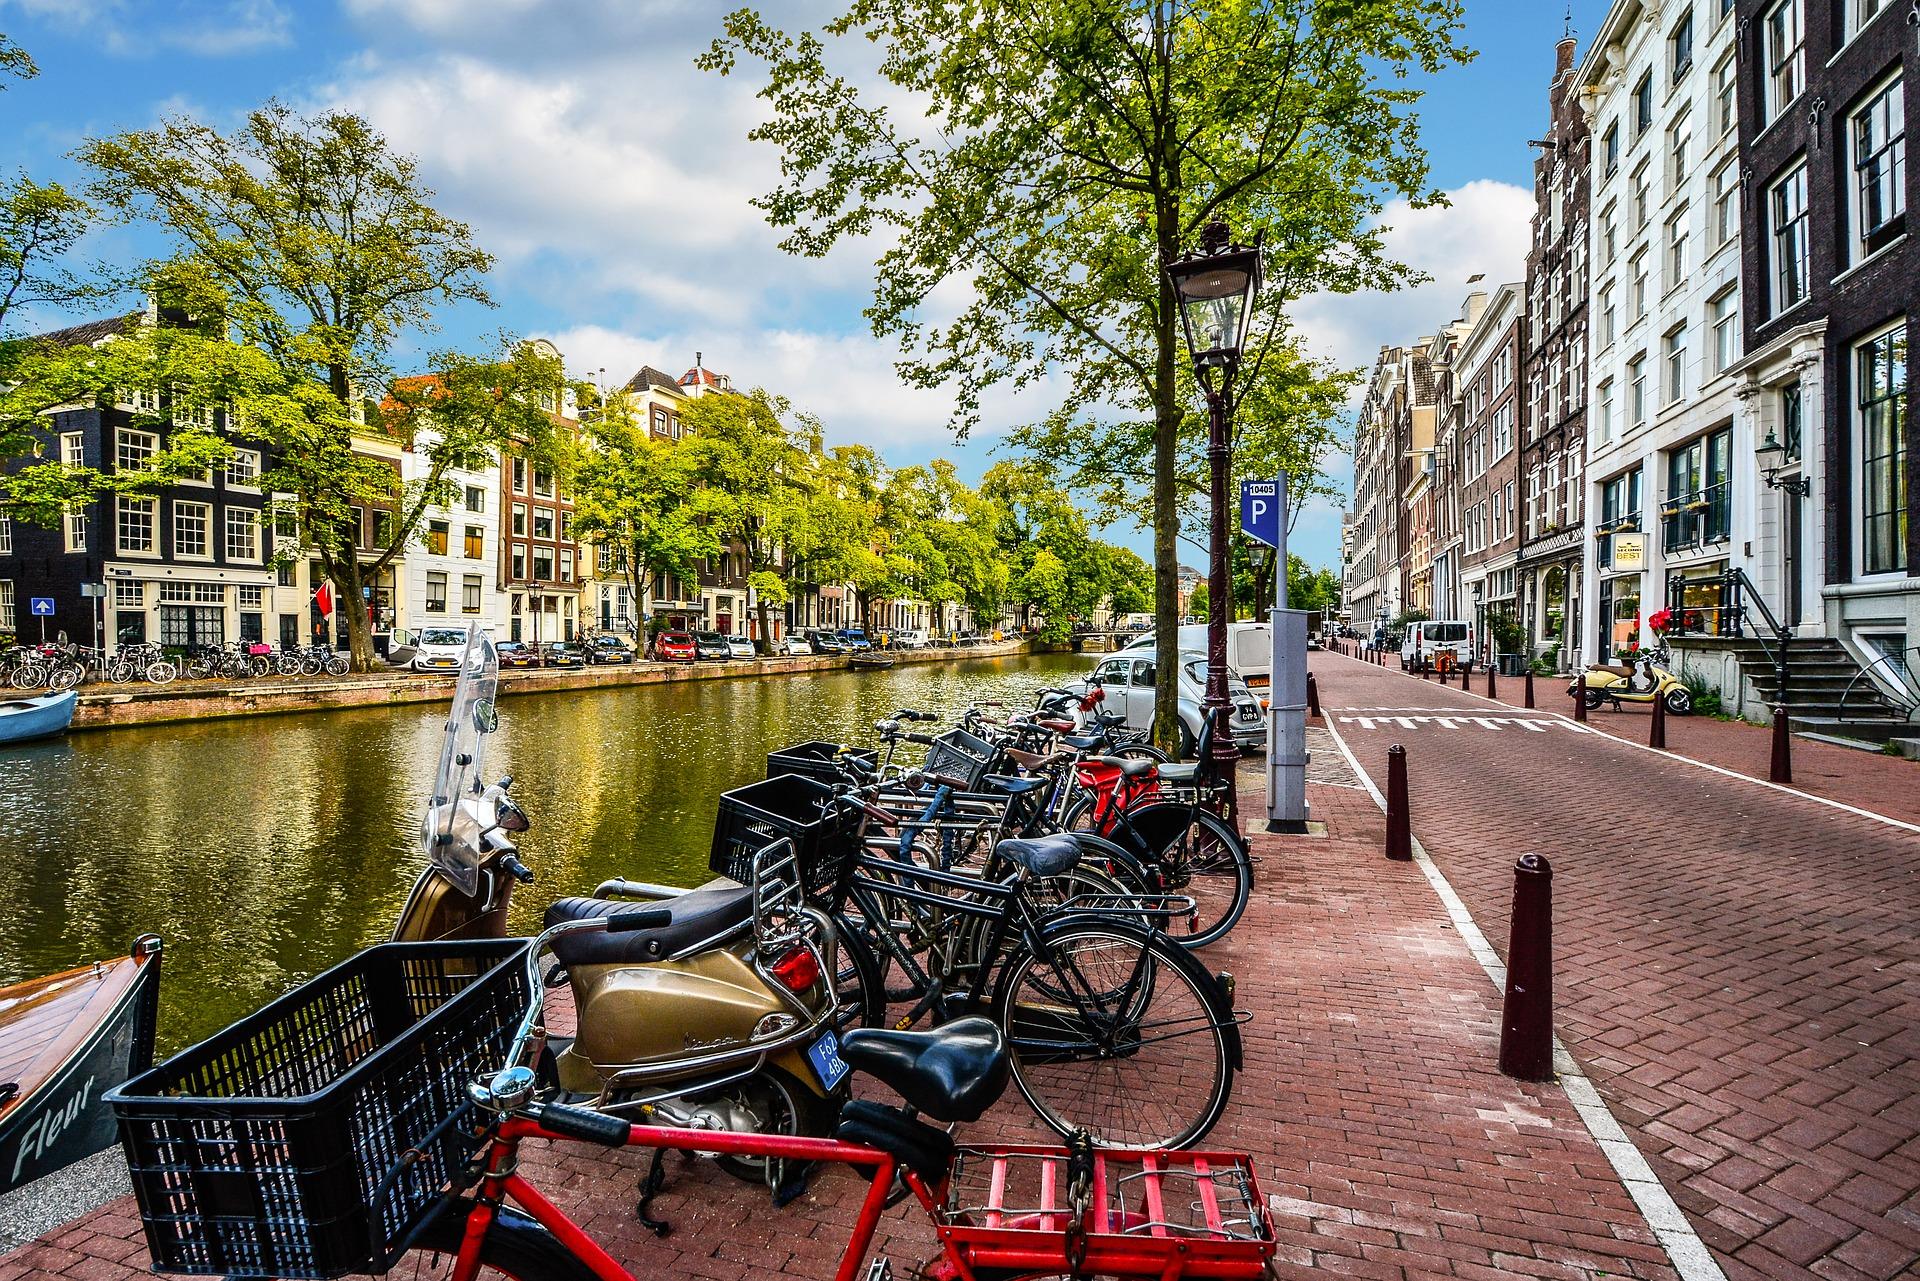 继旧金山之后,阿姆斯特丹也发起了禁止动物皮草交易的立法提案